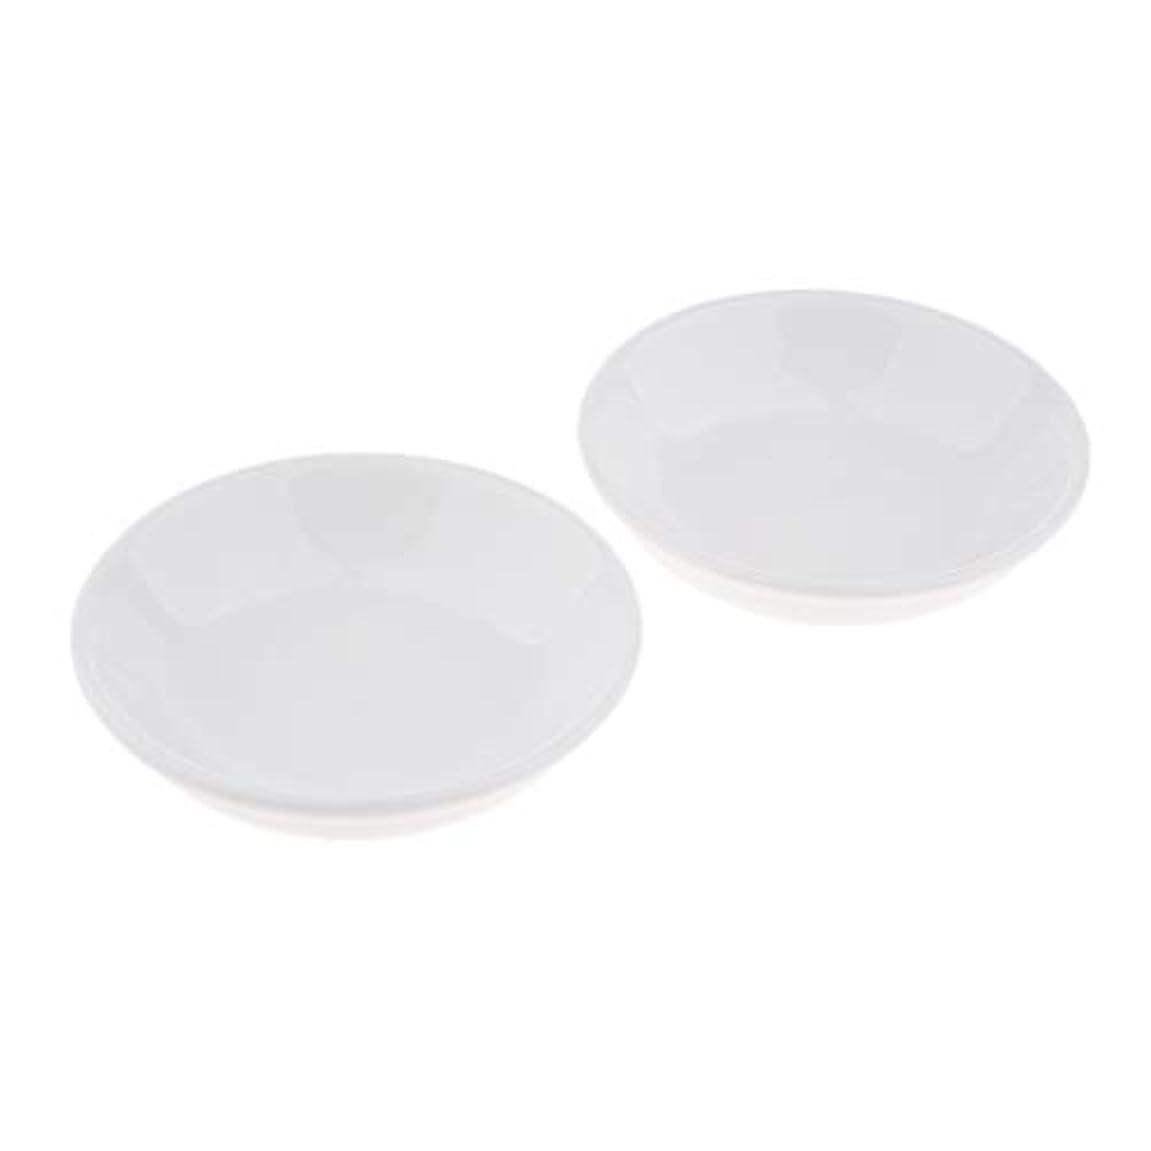 ソーダ水六わずかにオイルウォーマー ディッシュ 取り替え皿 セラミック 置物 2個入